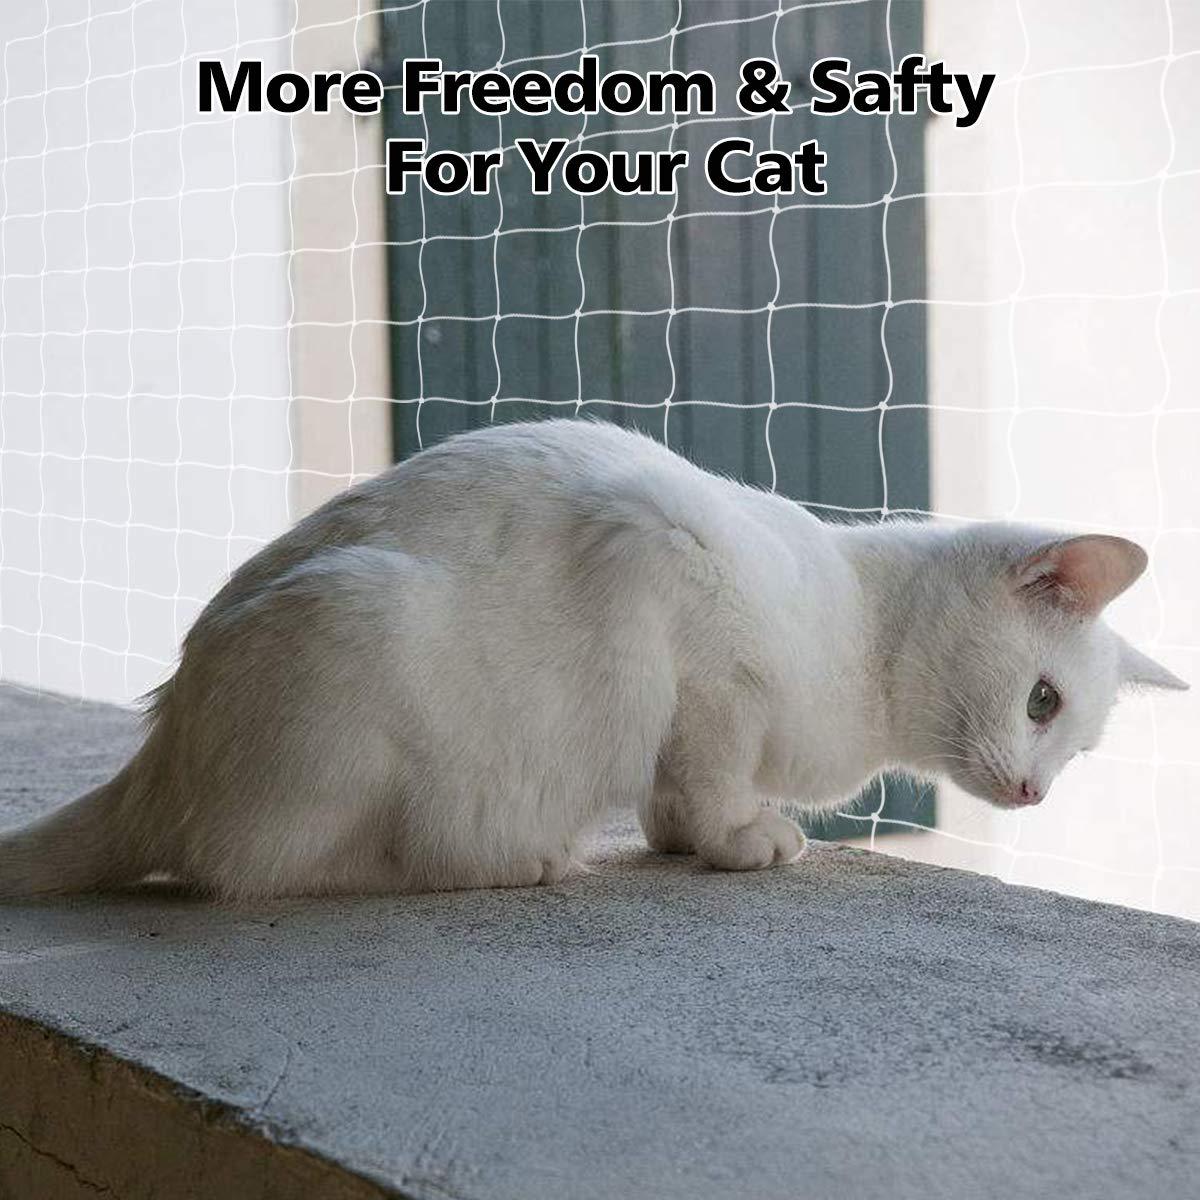 ... de la Valla de Seguridad Nylon Net Cat Accesorios de Nylon Transparente Incluyen una Cuerda de 25 Metros 20 20 20: Amazon.es: Productos para mascotas